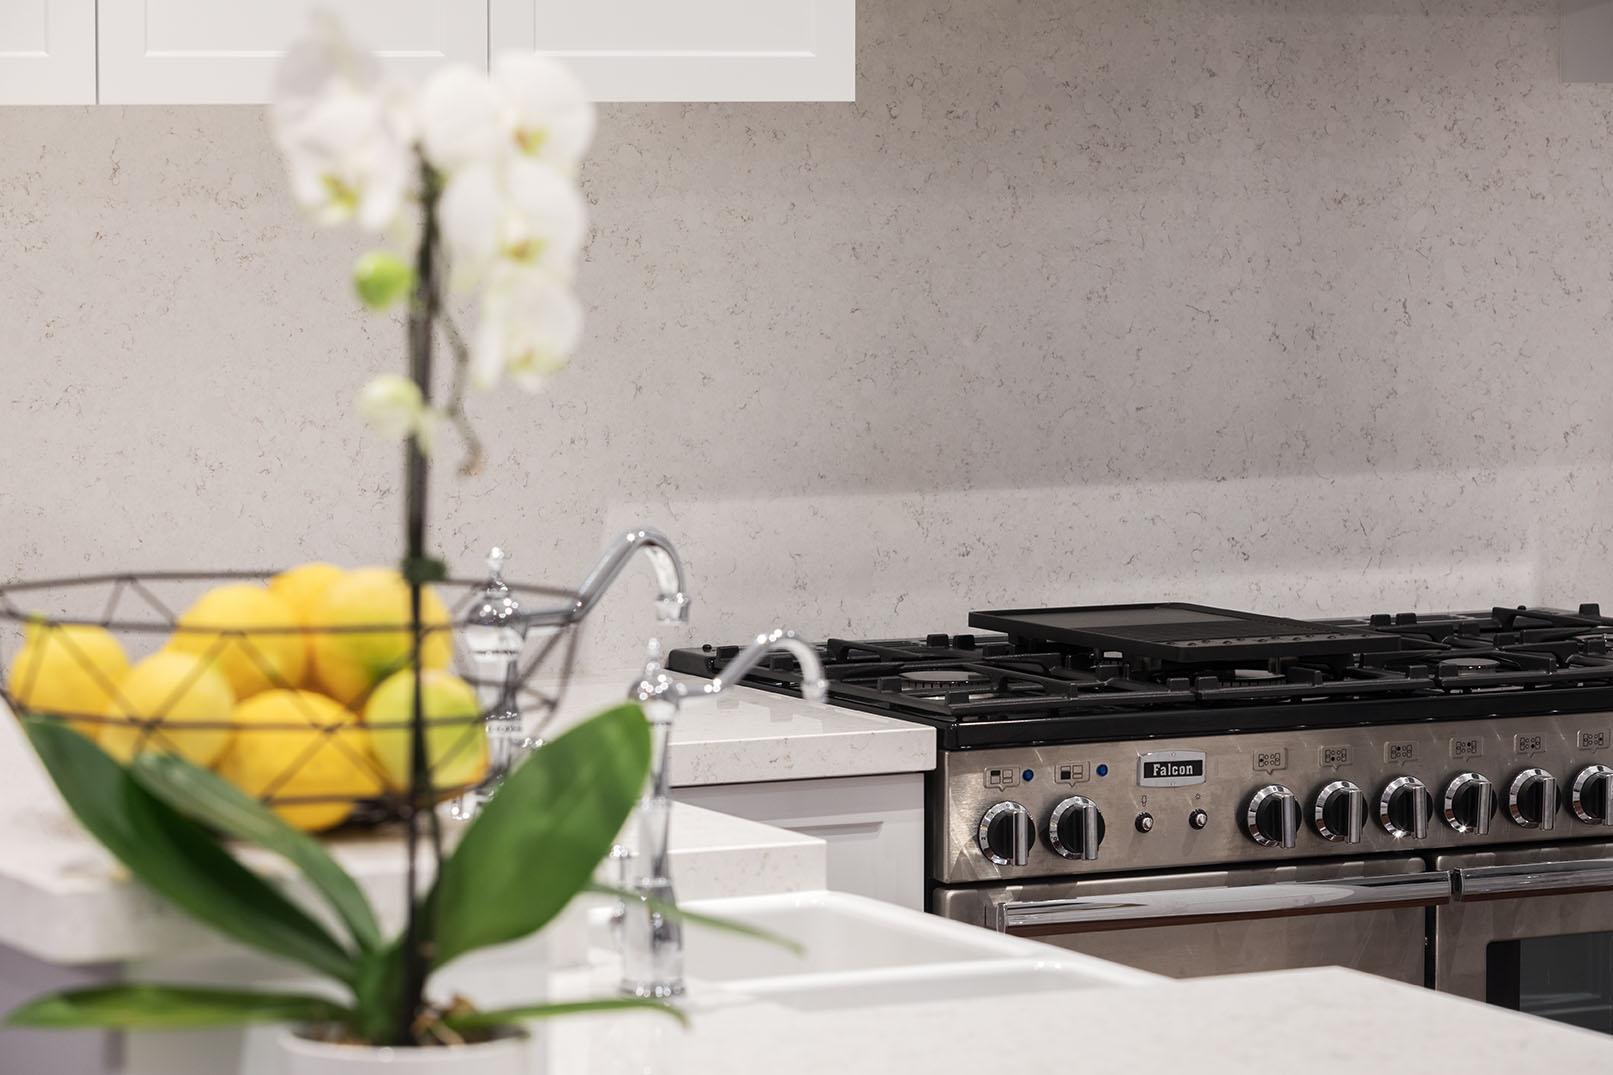 clive_kitchen_02.jpg